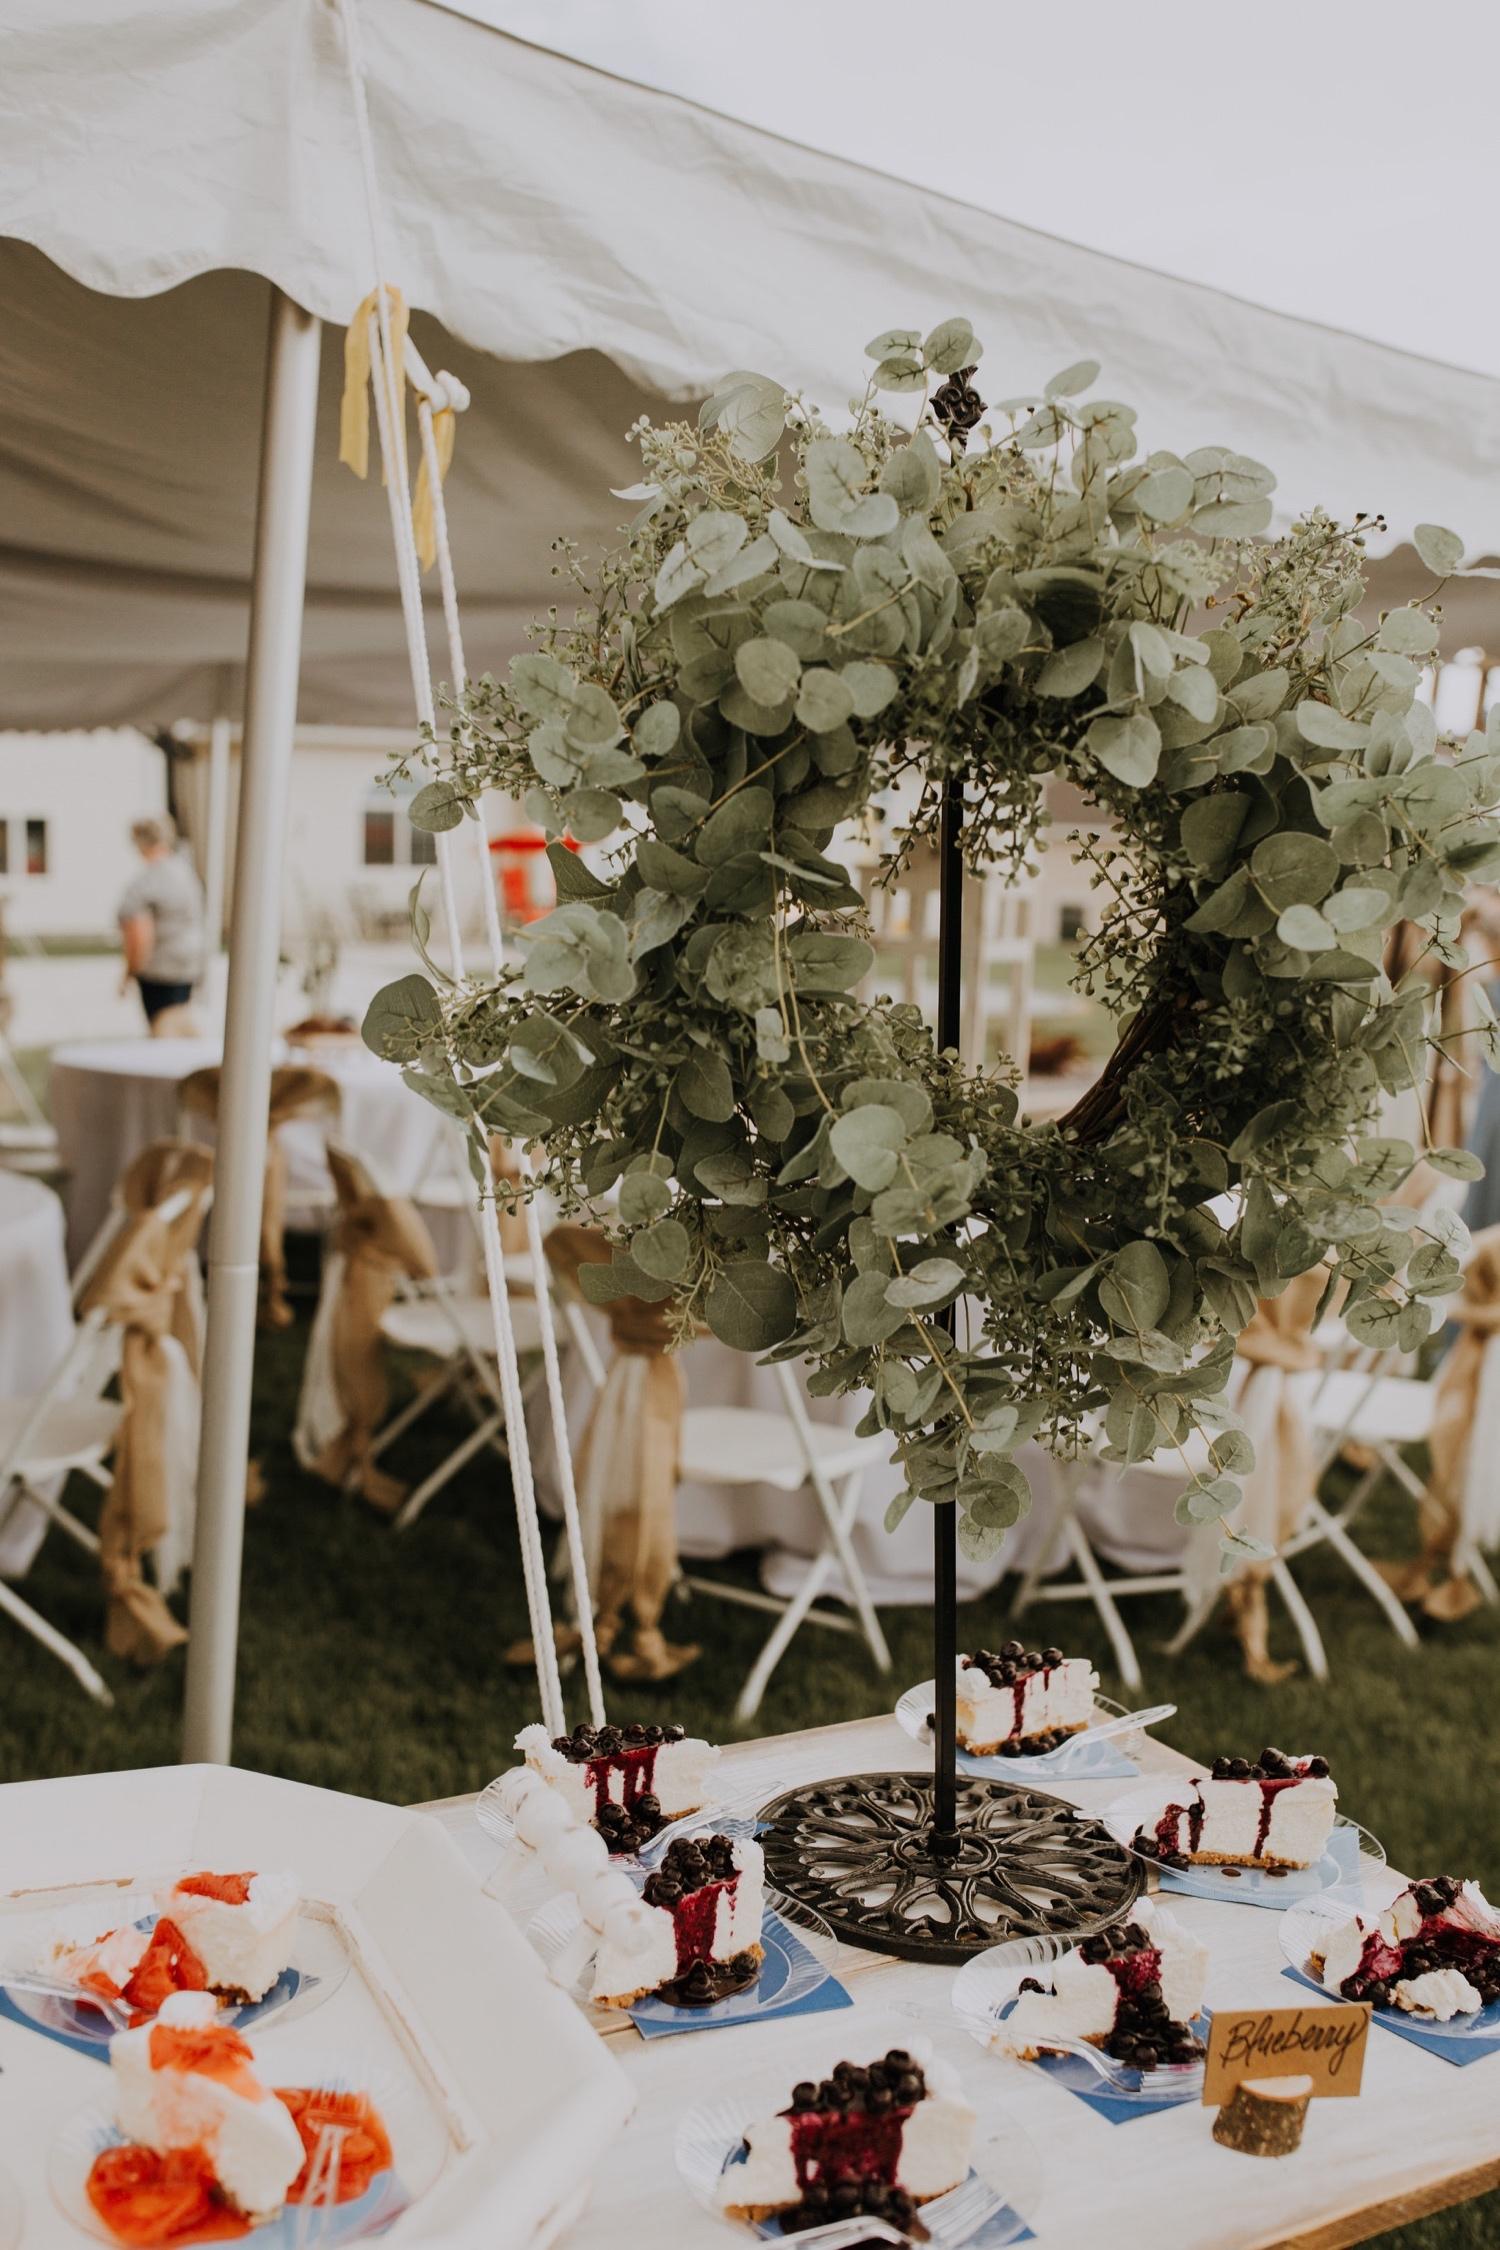 39_pocatello-wedding-Photographer-693.jpg